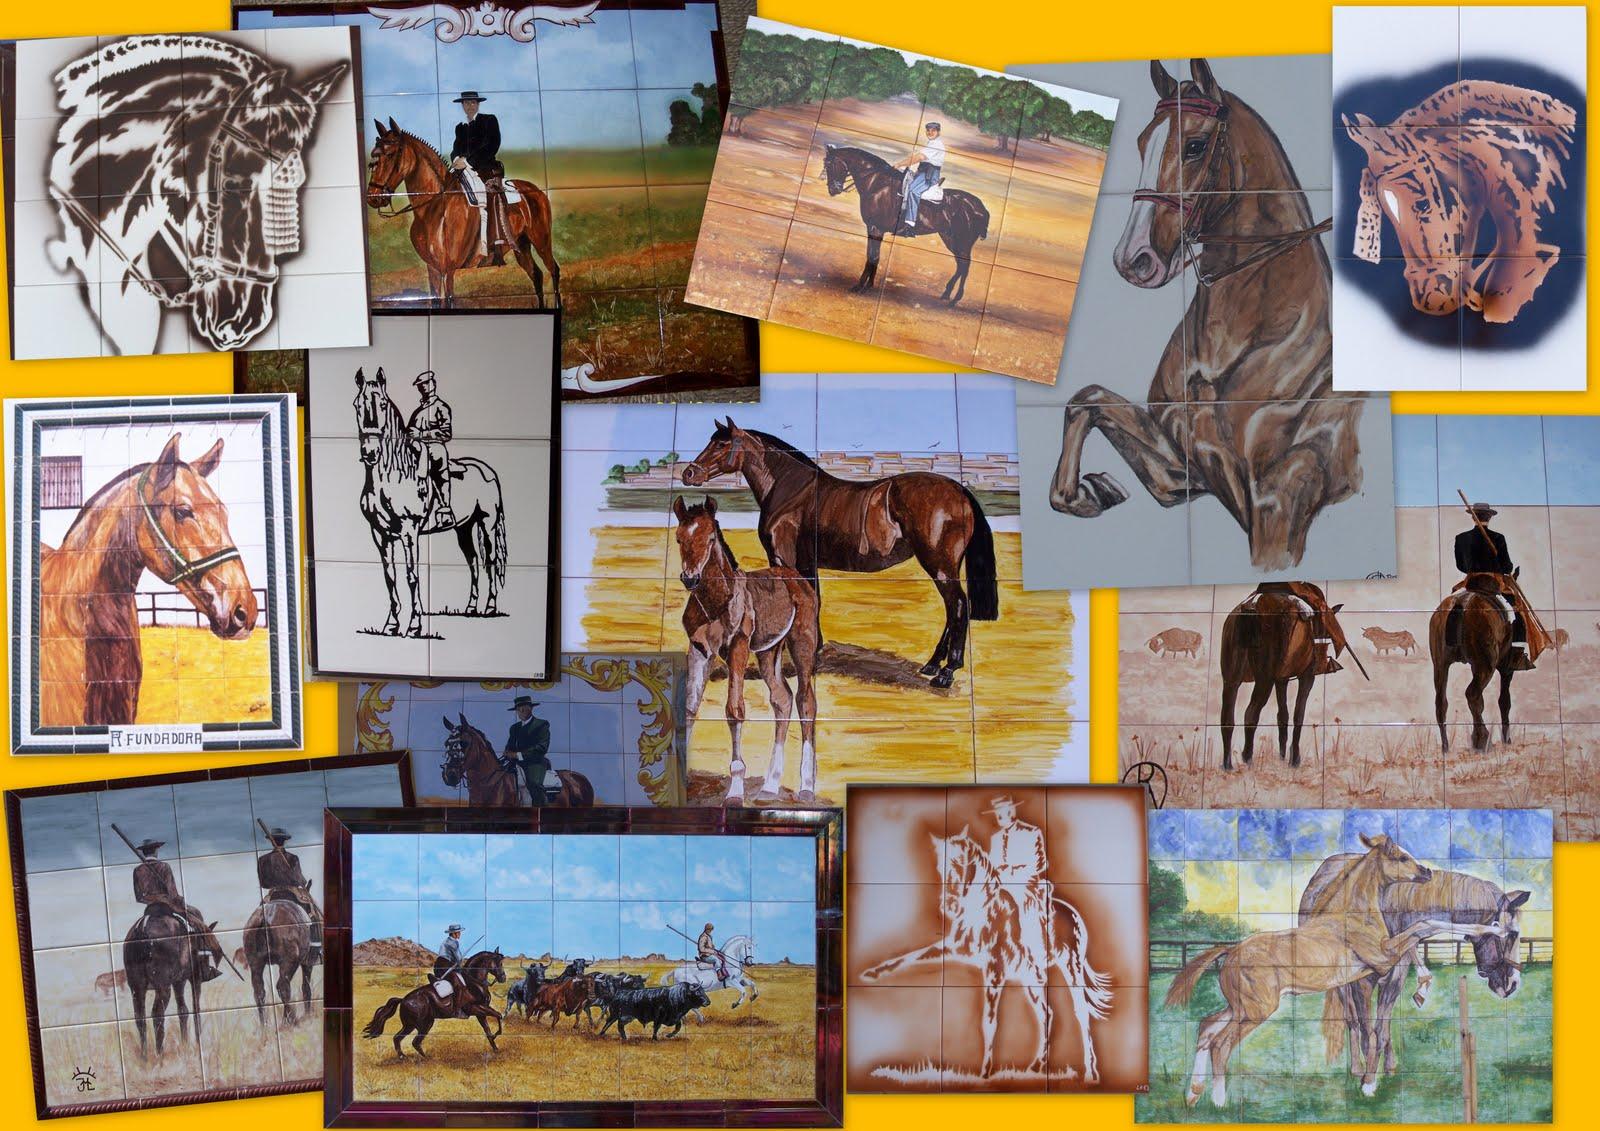 Azulejos la herradura murales de caballos - Murales de azulejos ...